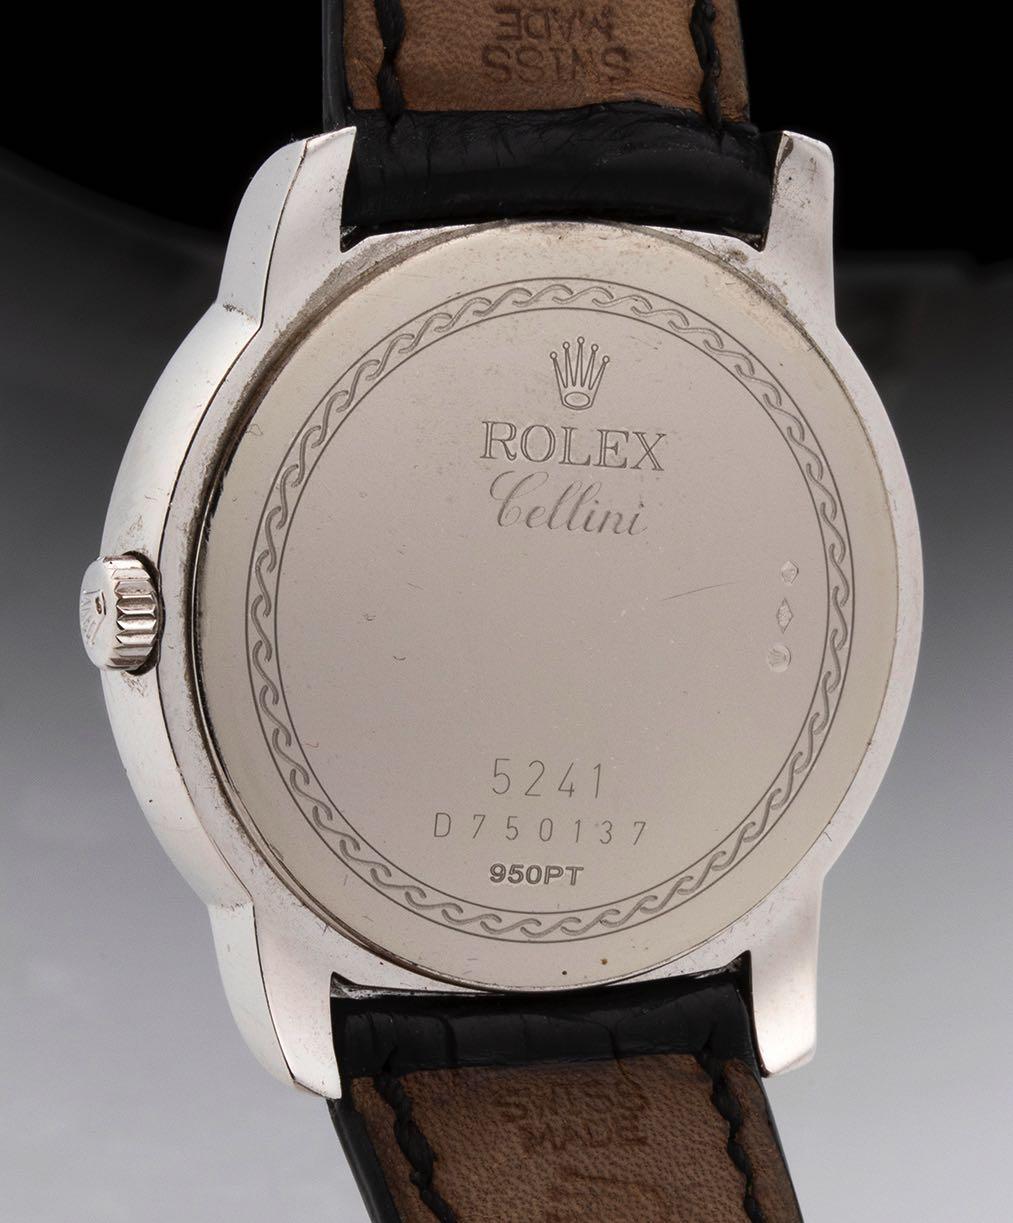 """ROLEX CELLINI, """"Cellinium"""" platinum ref. 5241/6, 2005, full set - Image 3 of 5"""